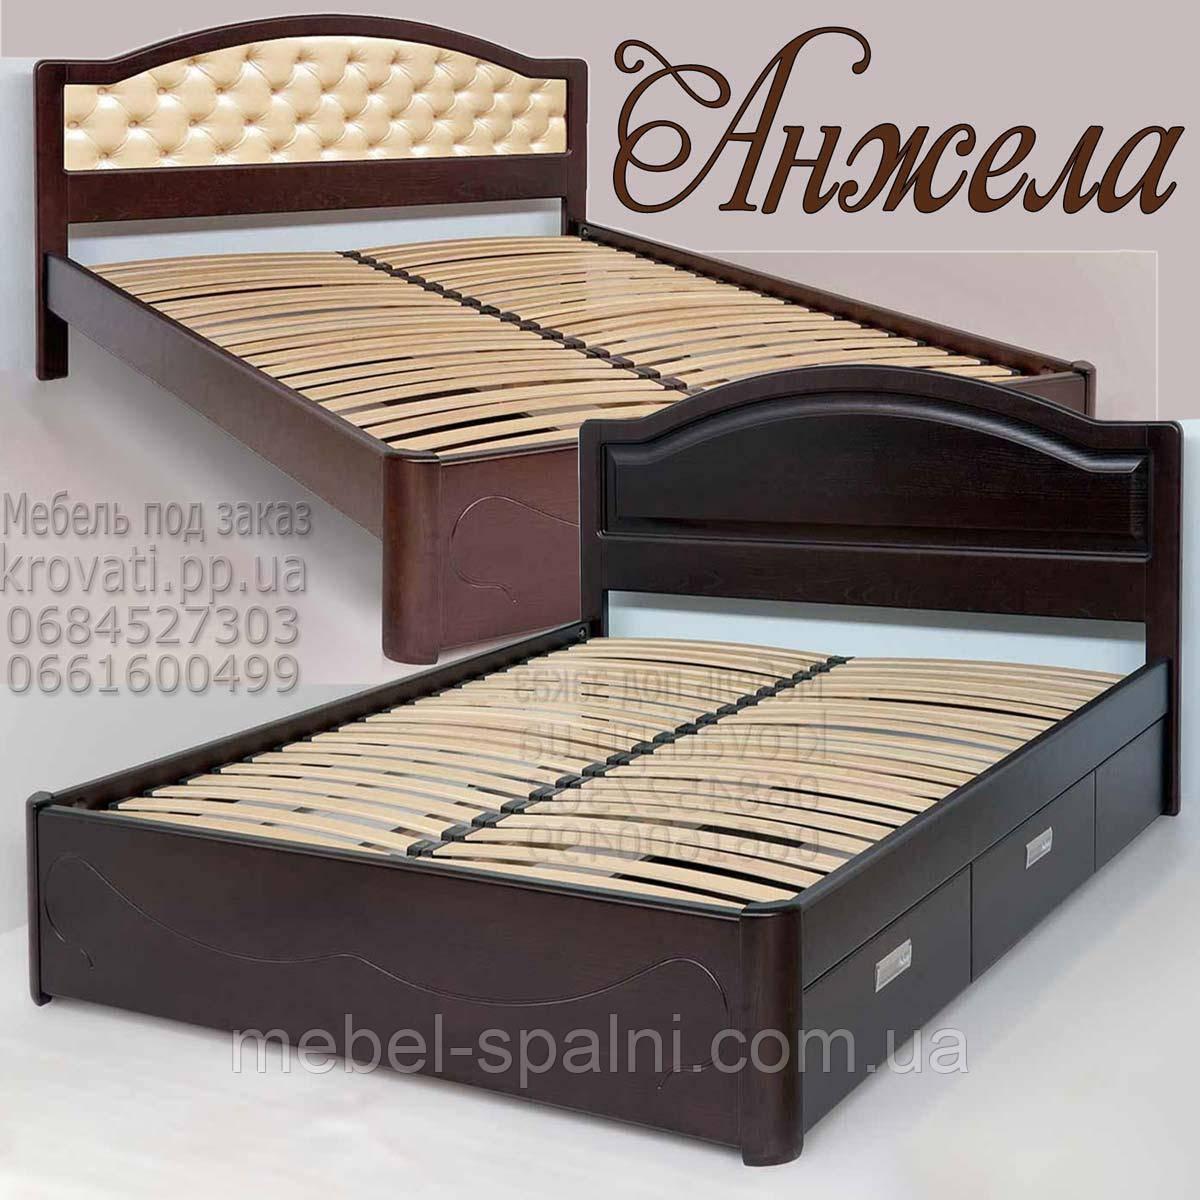 Кровать двуспальная «Анжела», фото 1